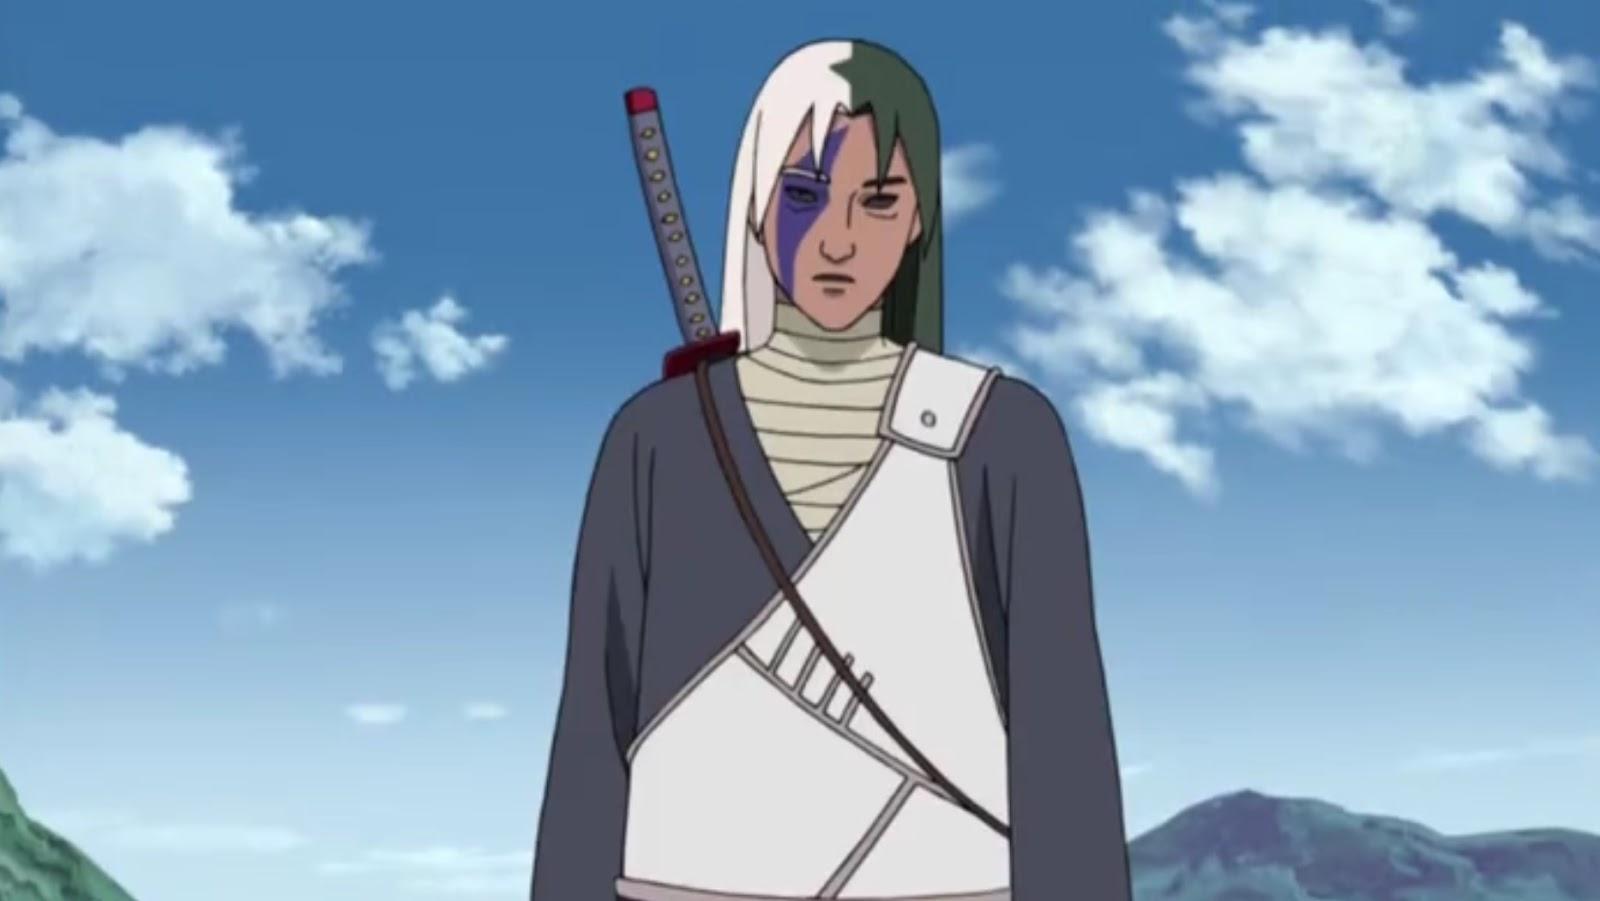 Naruto Shippuden Episódio 318, Assistir Naruto Shippuden Episódio 318, Assistir Naruto Shippuden Todos os Episódios Legendado, Naruto Shippuden episódio 318,HD